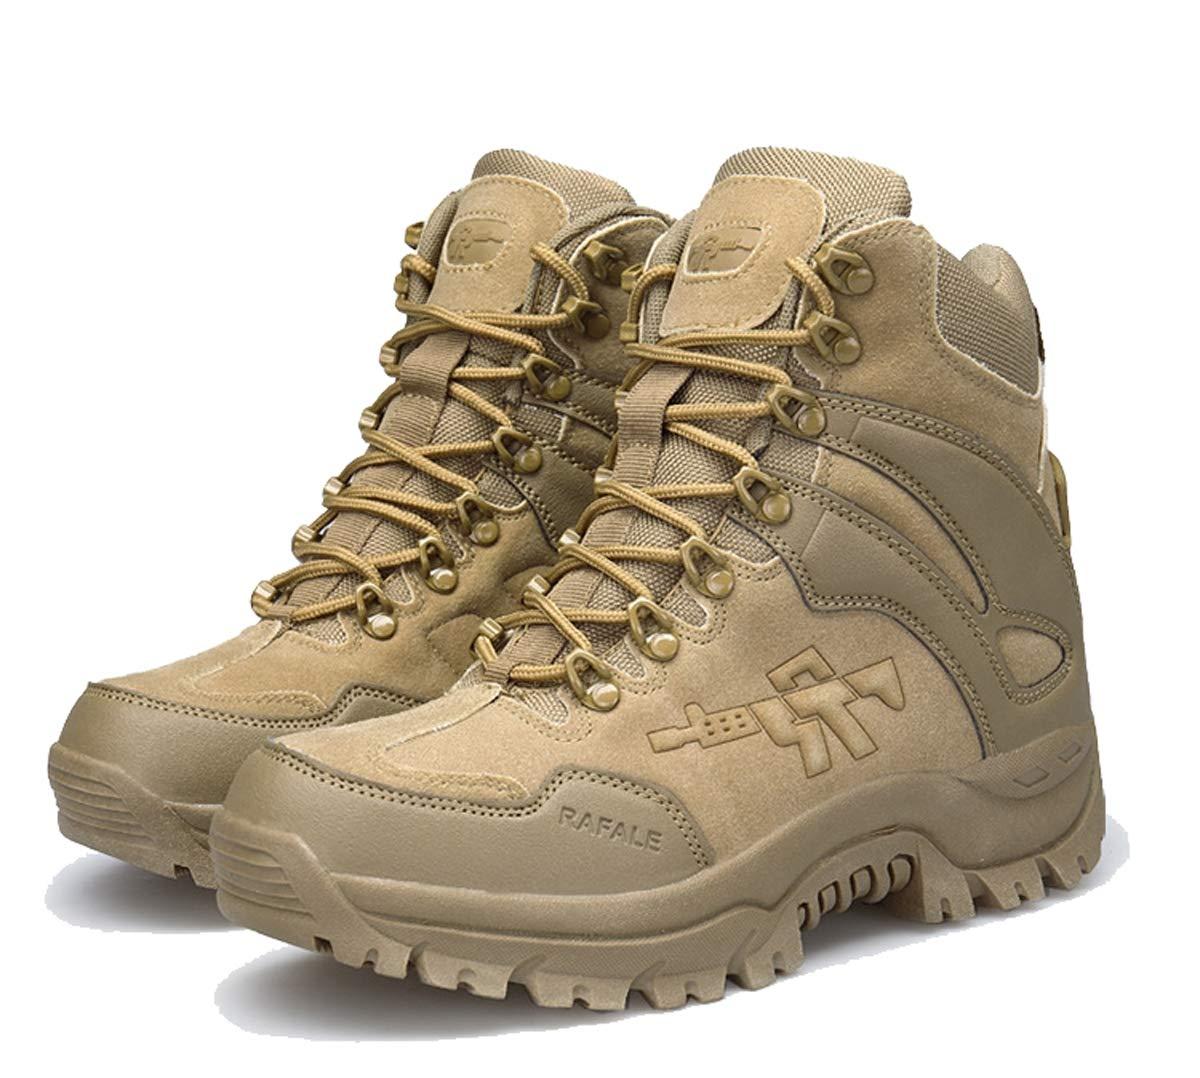 Adong Männer Camouflage Bergsteigen Stiefel High Rise Wanderstiefel Jungle Trekking Schuhe Wüstenstiefel,A,42EU